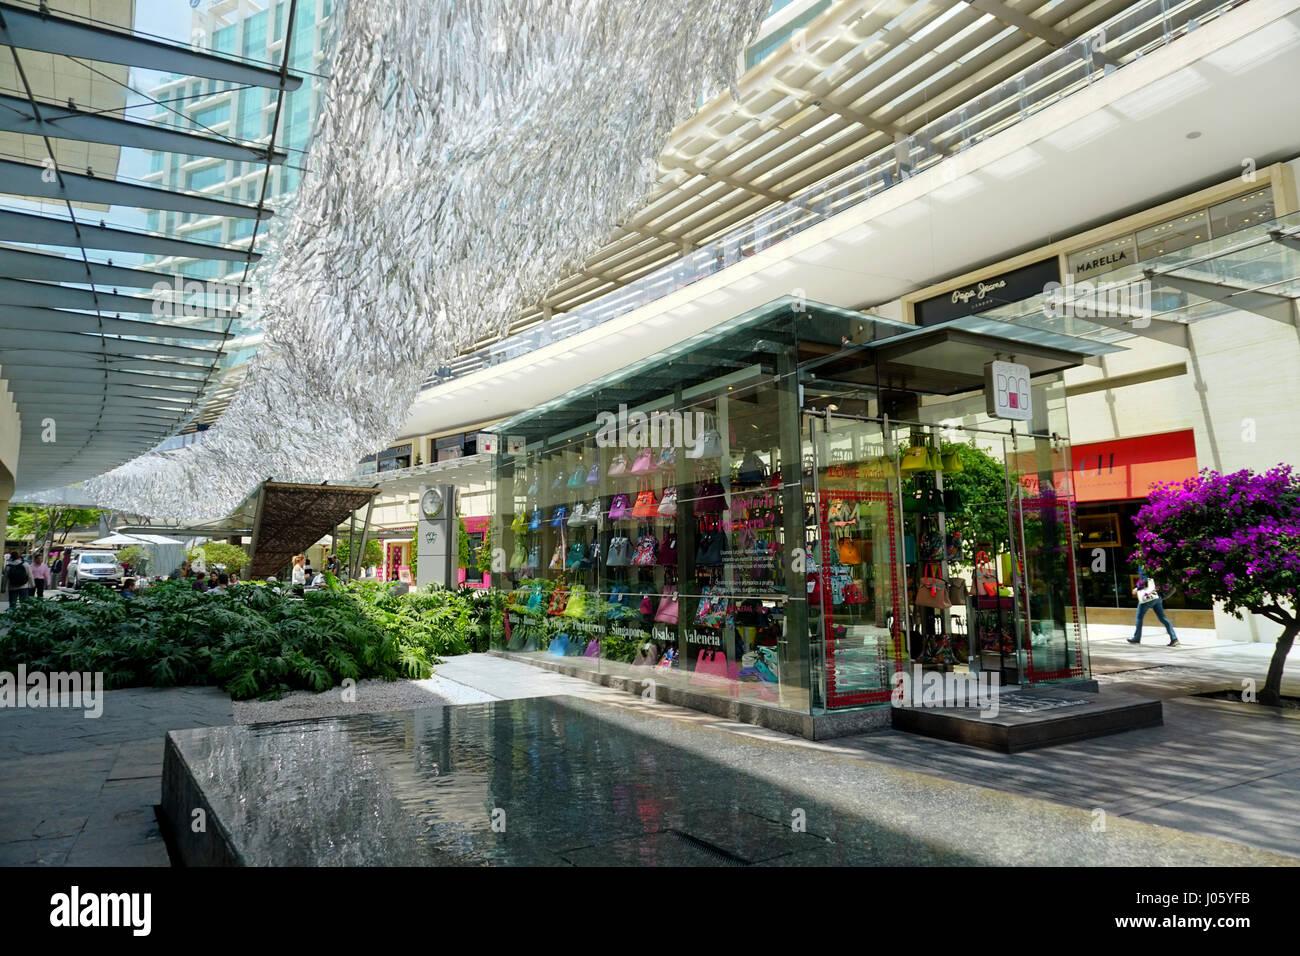 Antara Polanco shopping mall in the wealthy Polanco neighborhood of Mexico City, Mexico - Stock Image